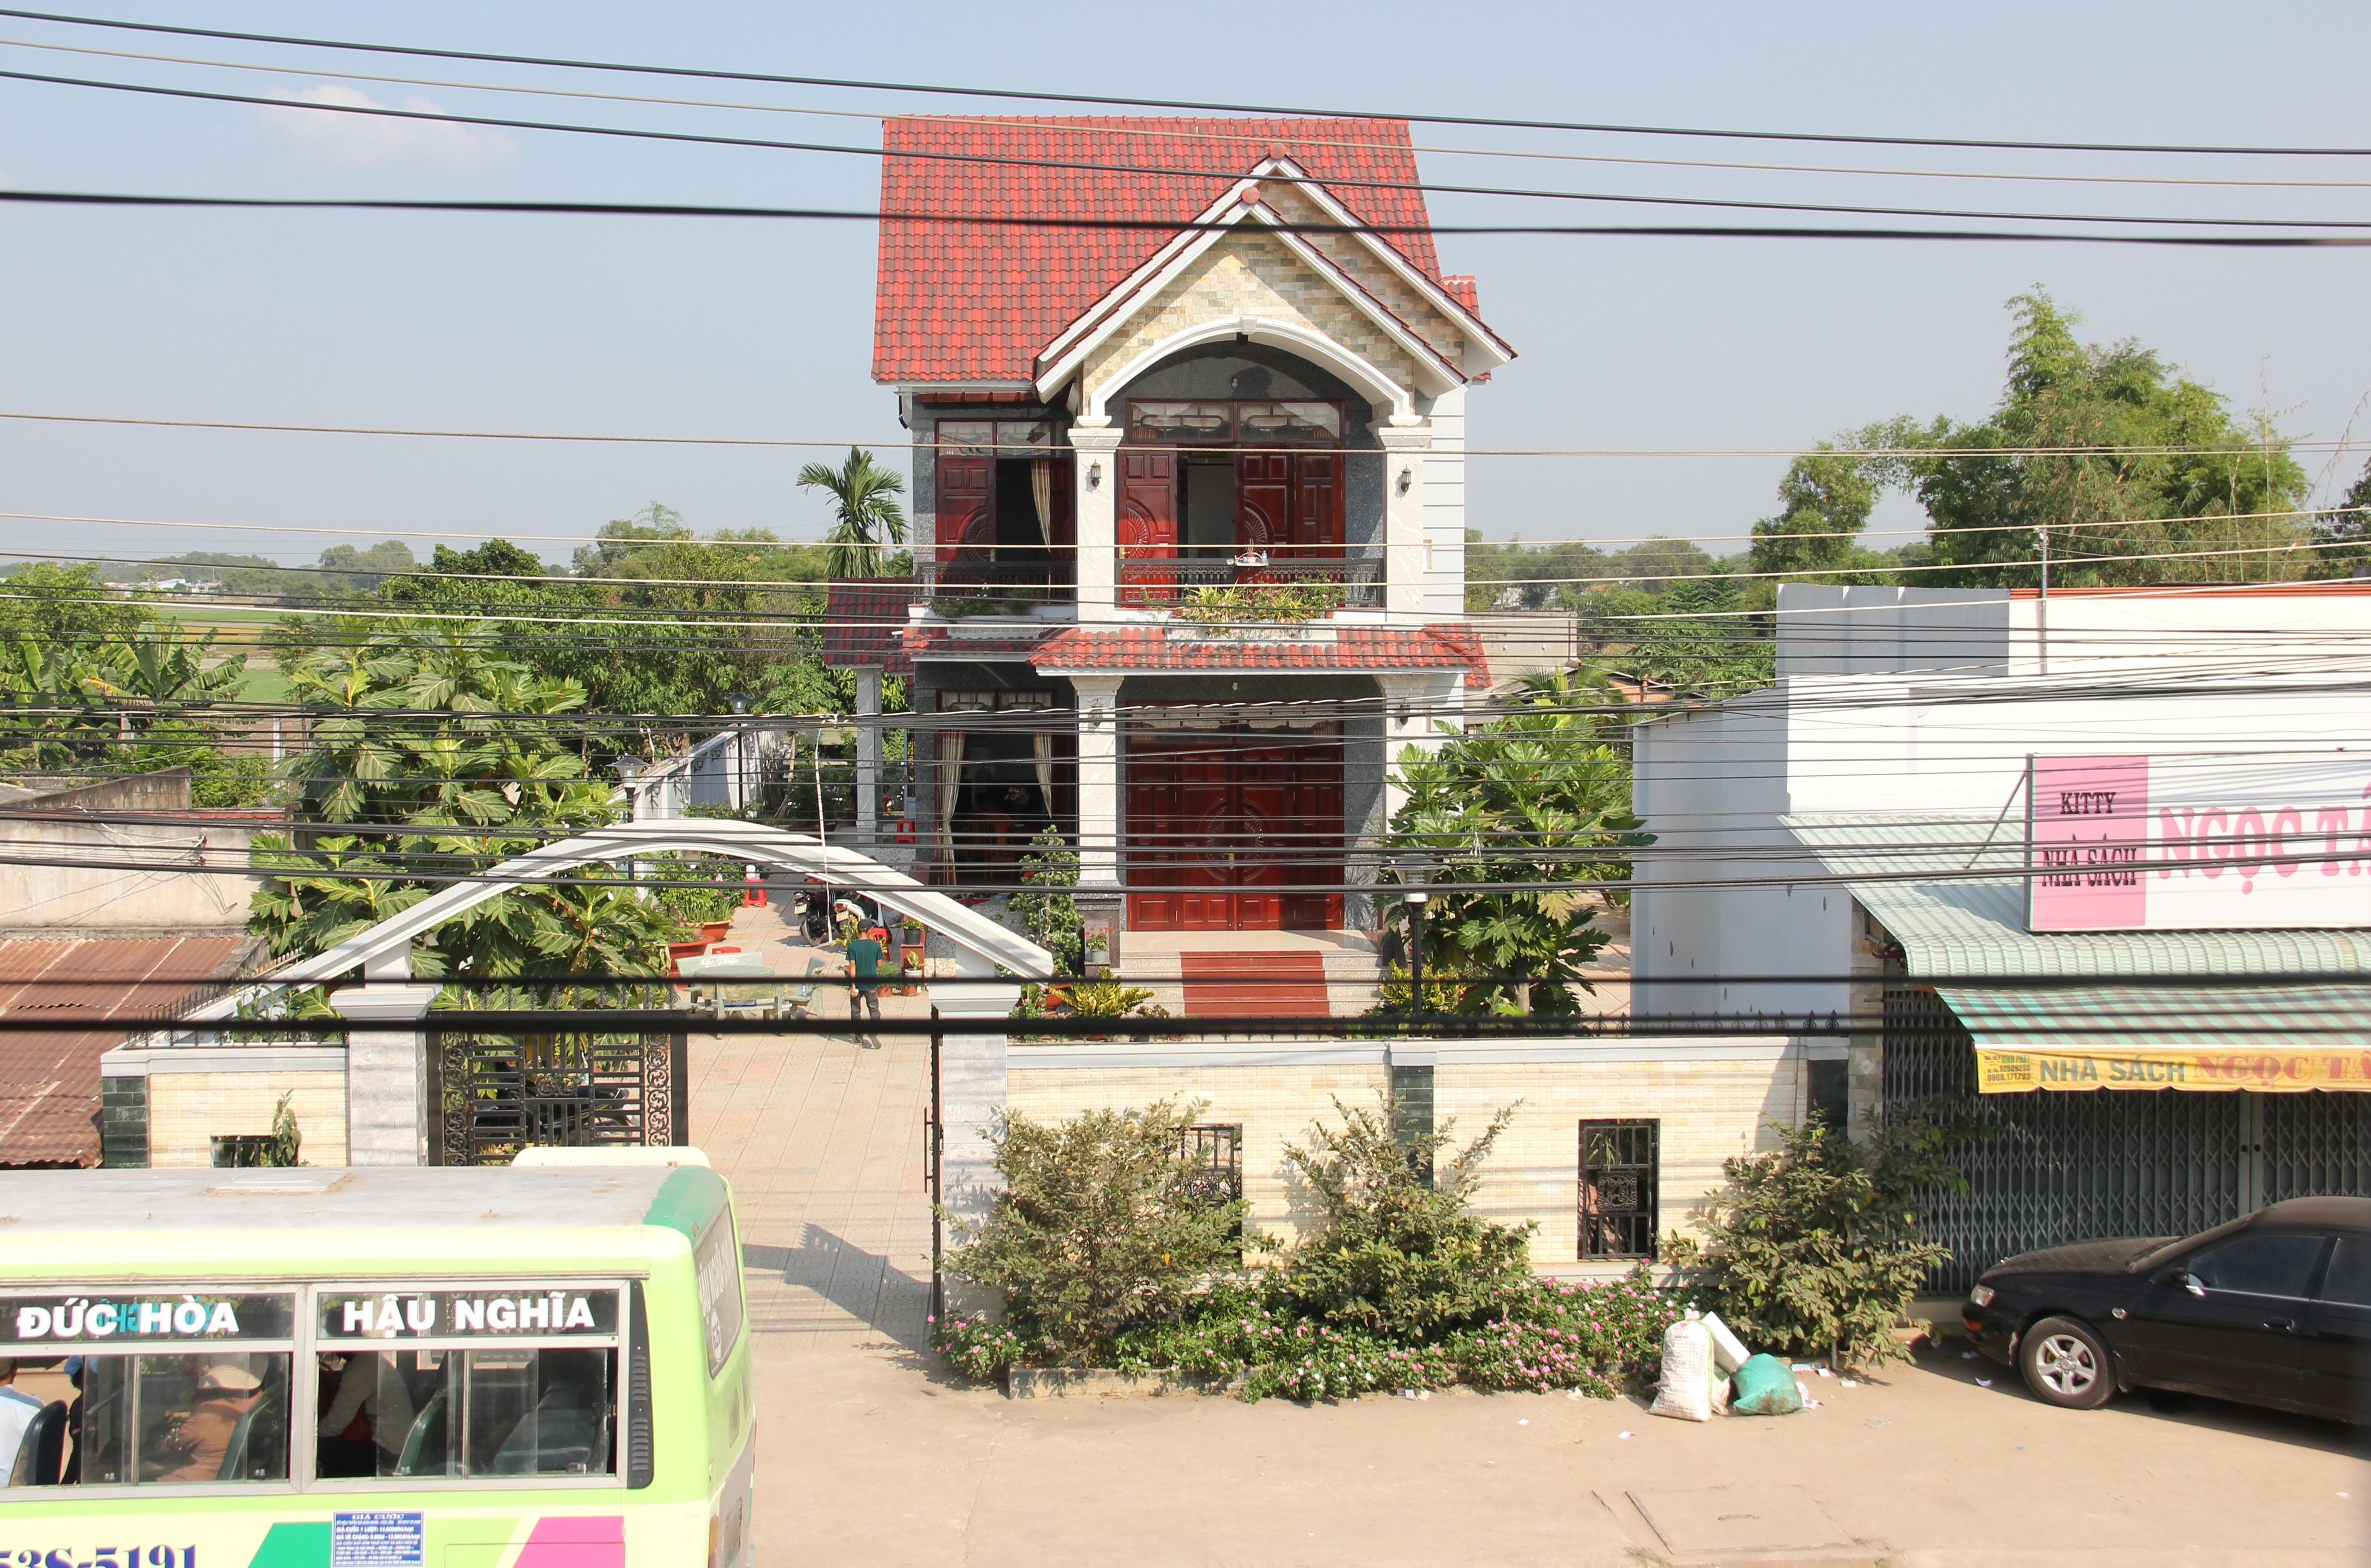 Căn nhà của bí thư huyện uỷ Đức Hoà, tỉnh Long An bị trộm đột nhập và nổ súng tấn công để tẩu thoát